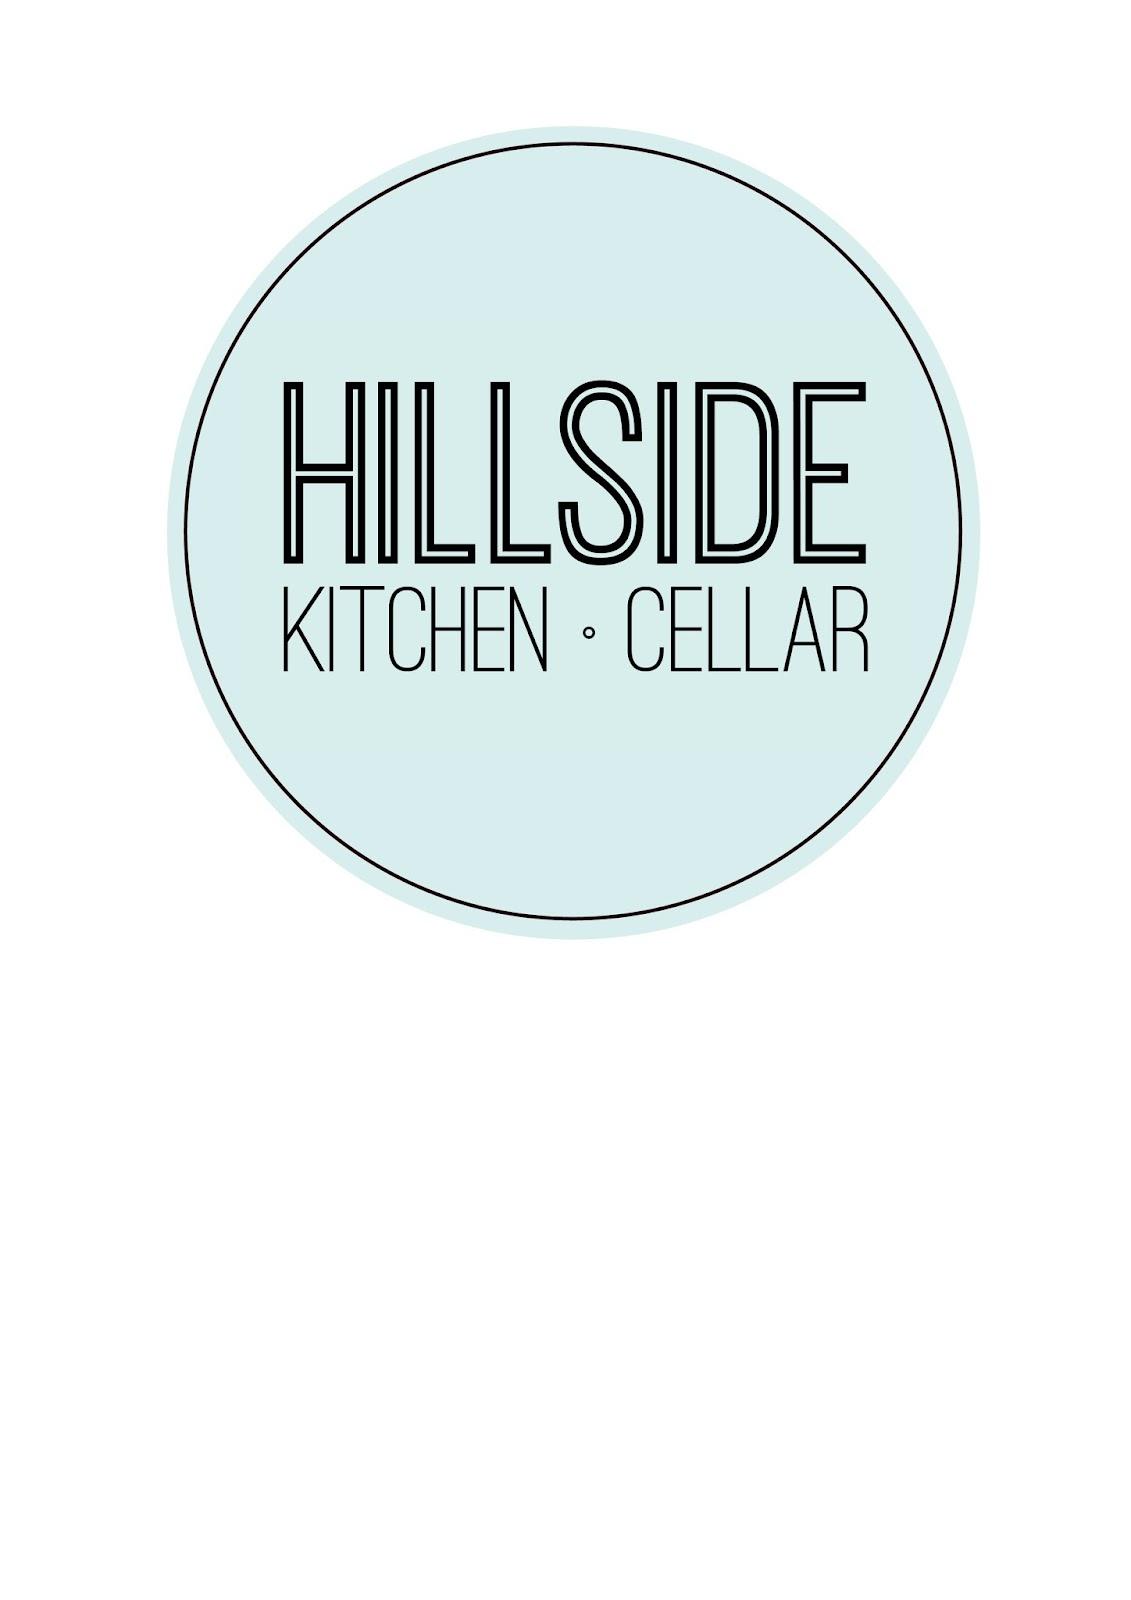 hillside logo test round.jpg